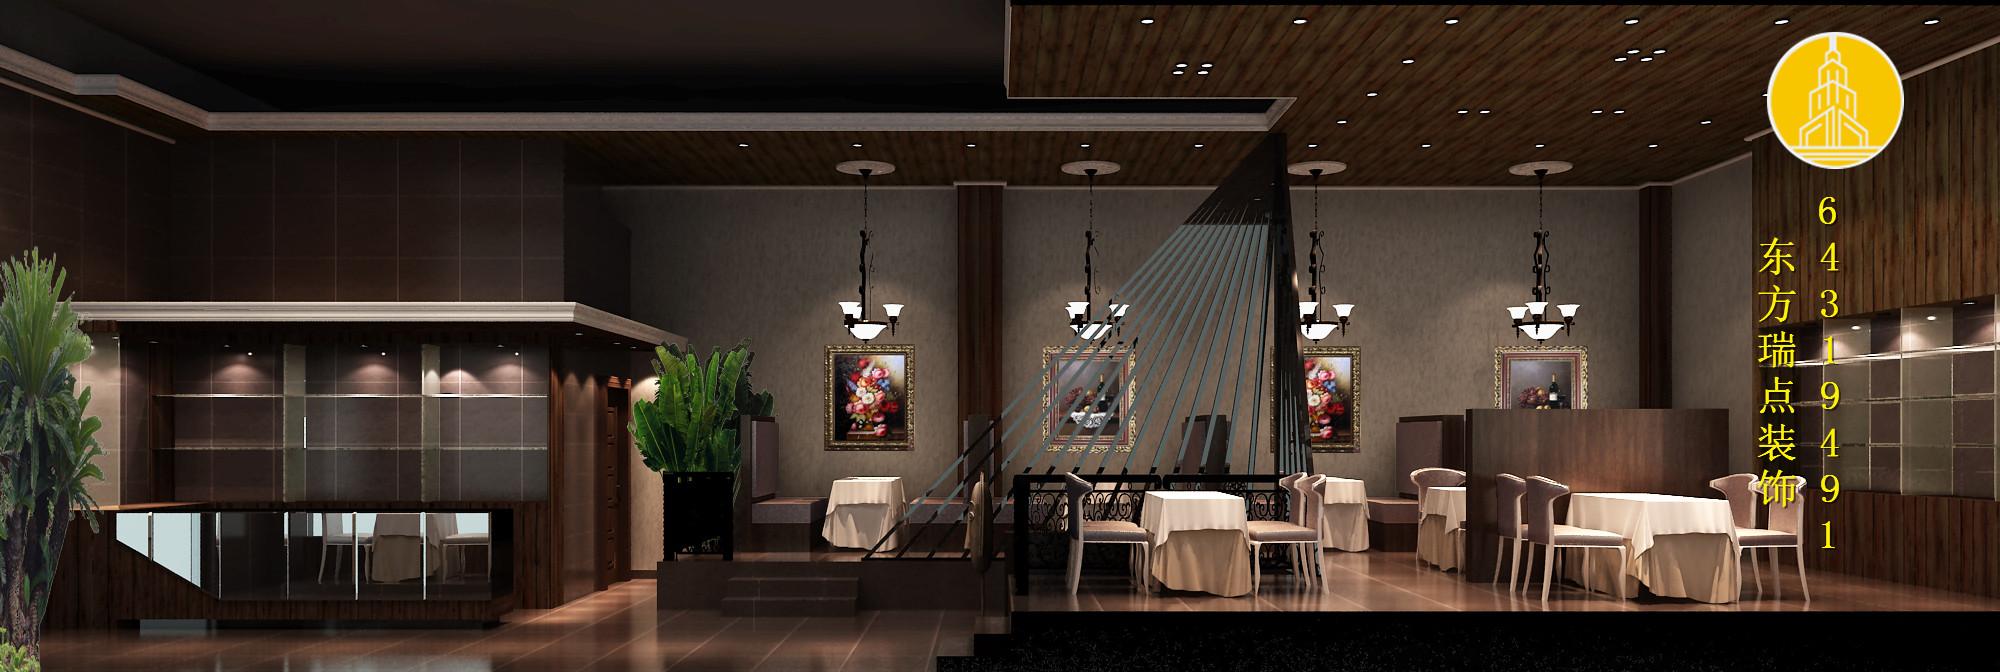 低成本也想打造高颜值餐厅?这7招教你像绿茶一样装修!